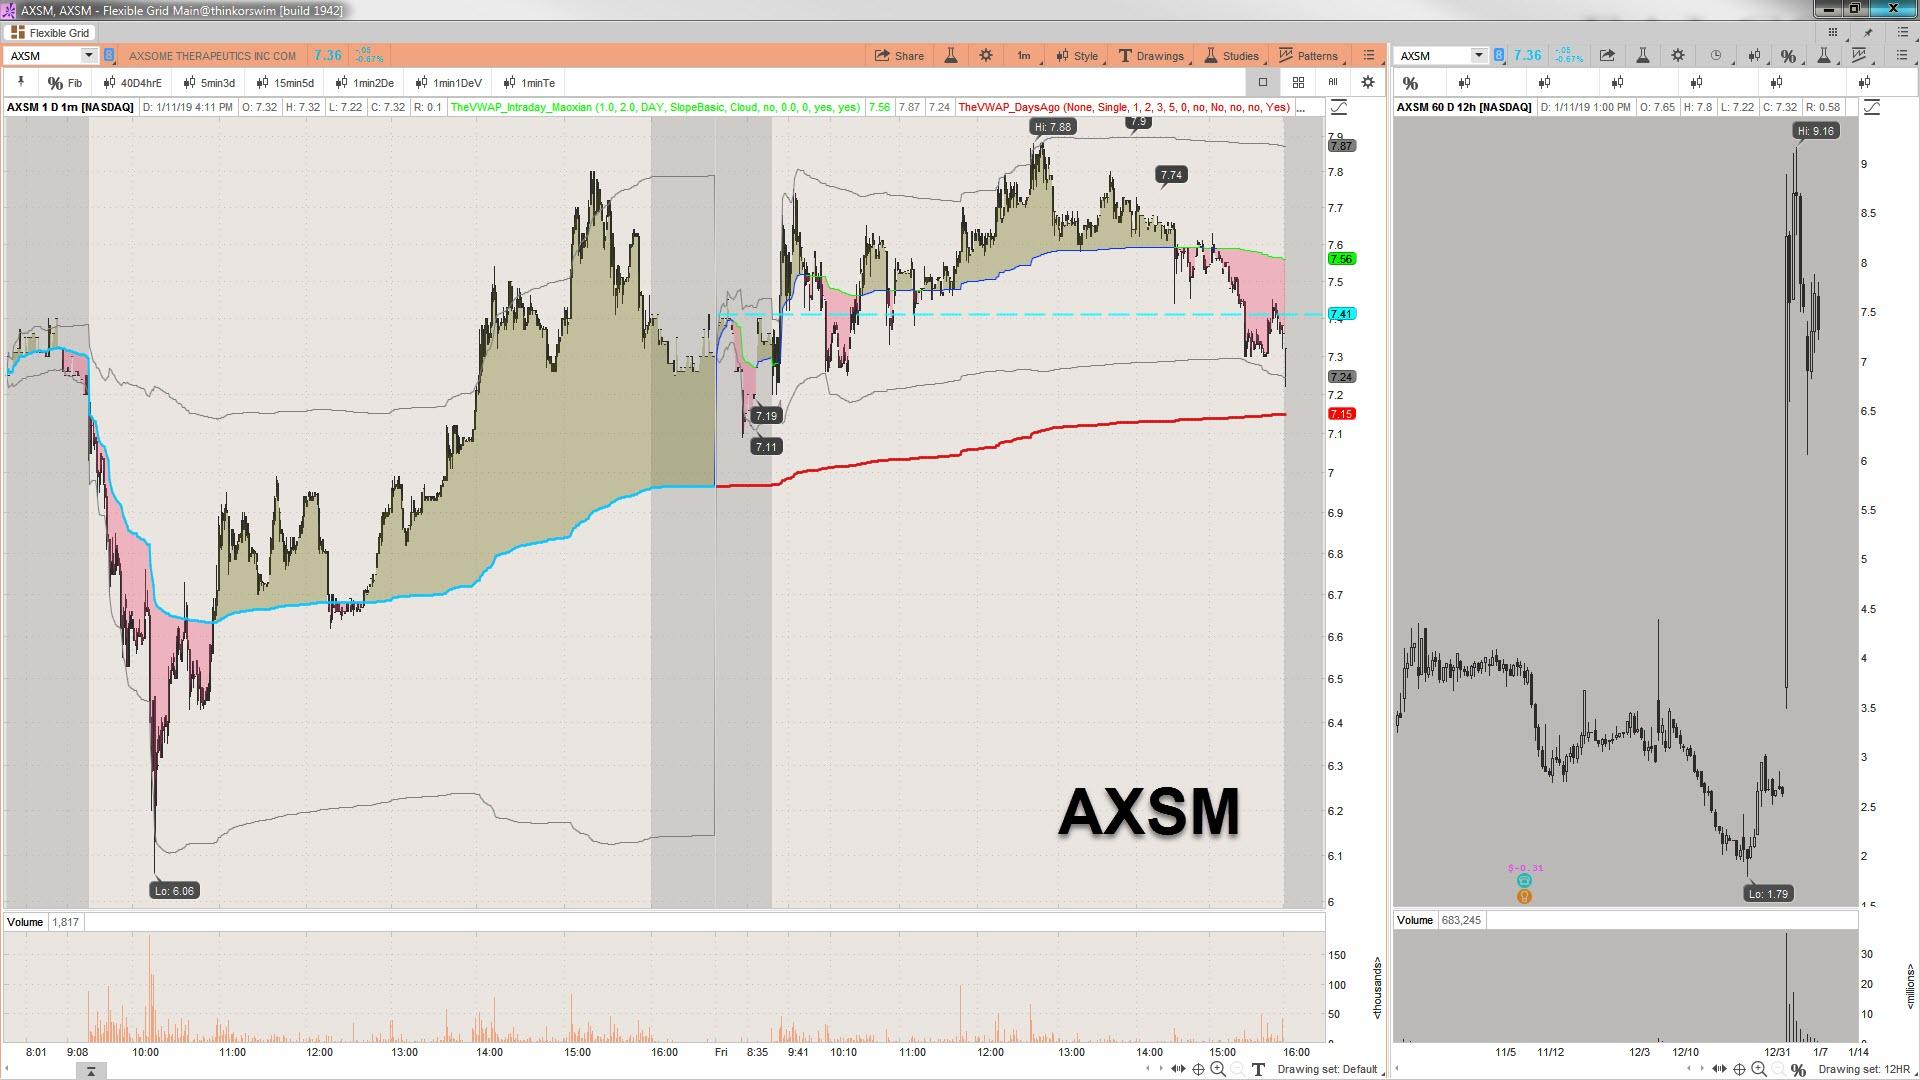 2019-01-11_16-19-58 AXSM.jpg